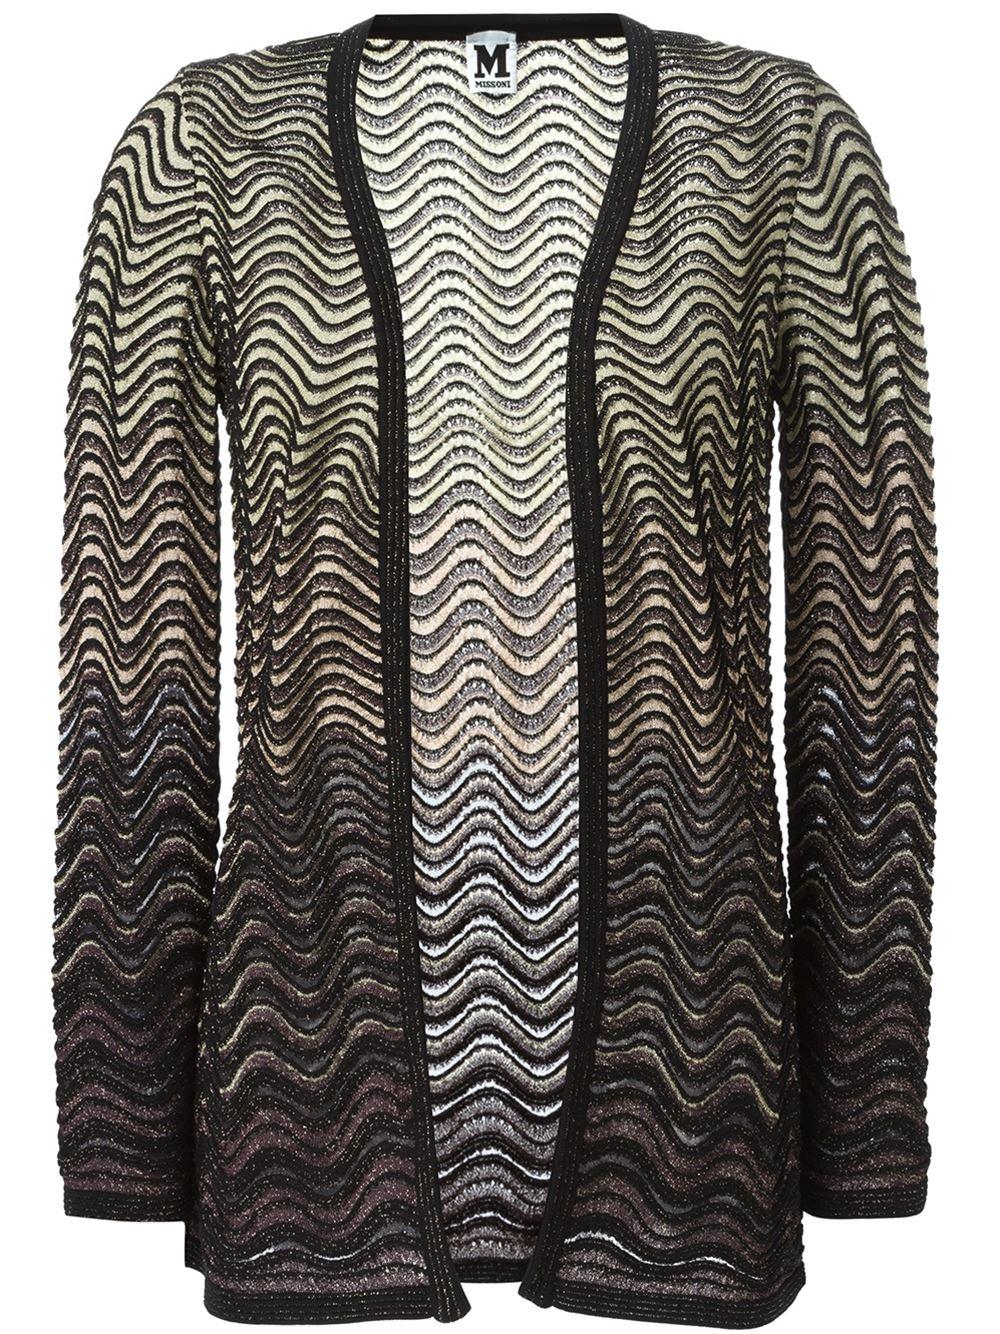 Lyst - M Missoni Wavy Knit Cardigan in Black 526b26dfa